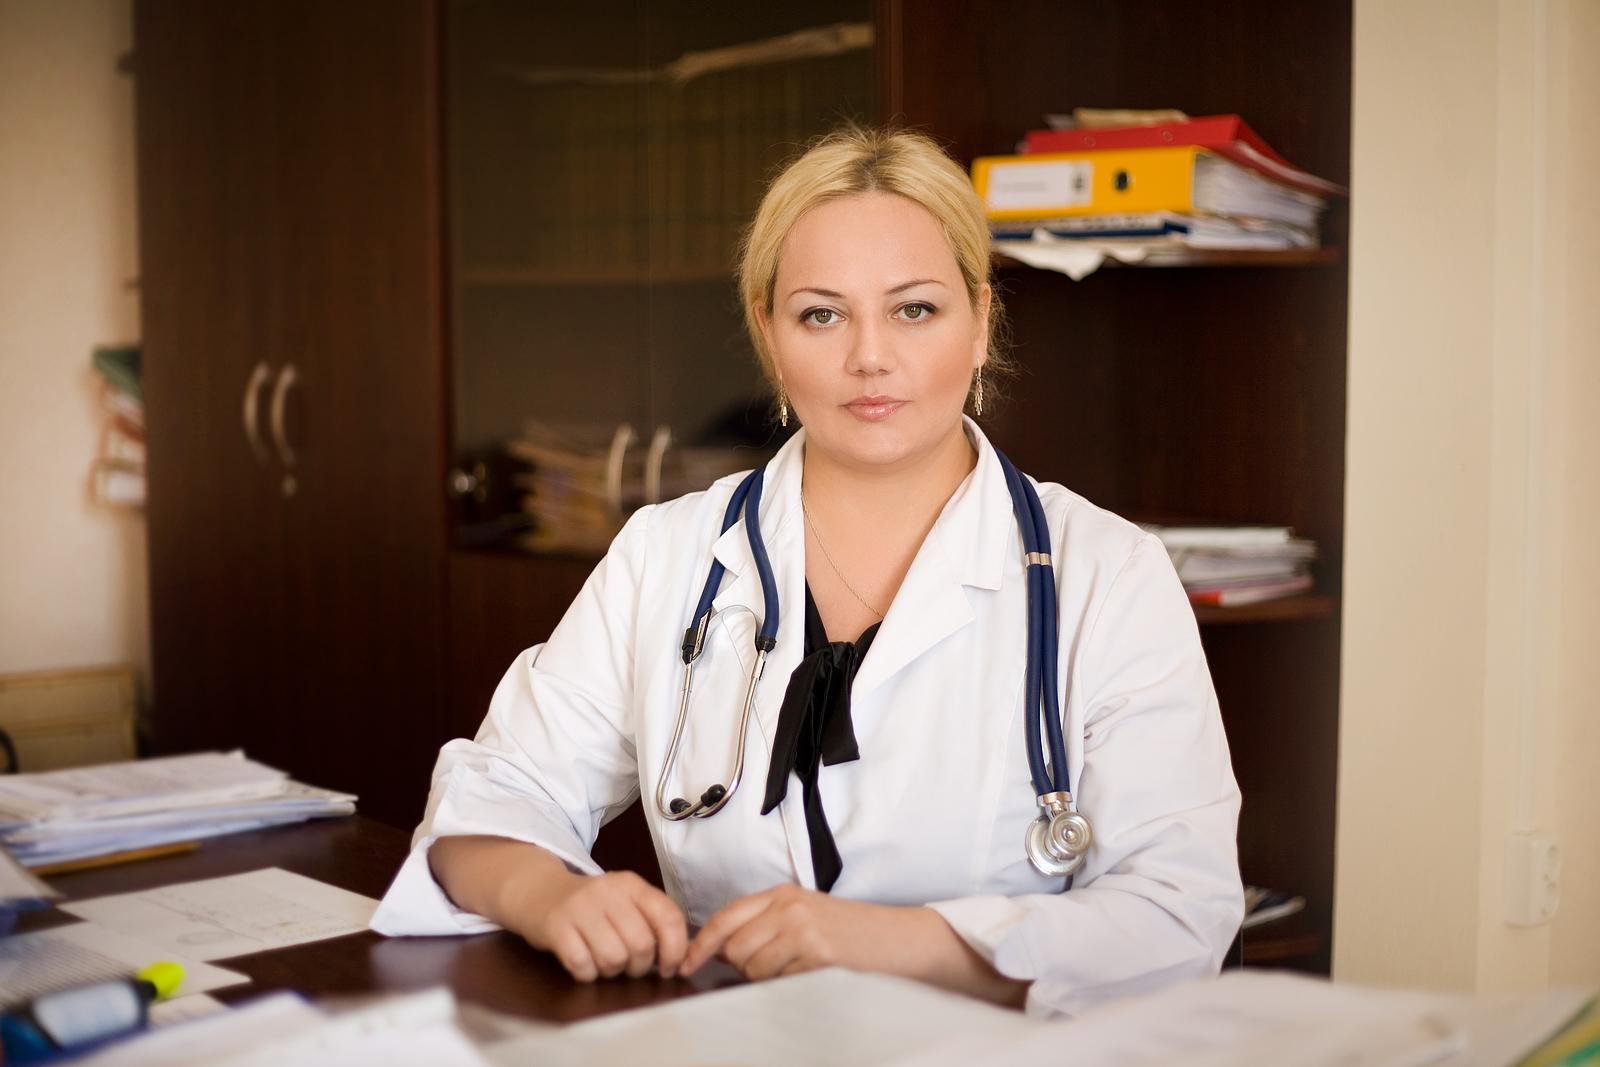 они русские девушки у врача транссексуалка разделась дрочит